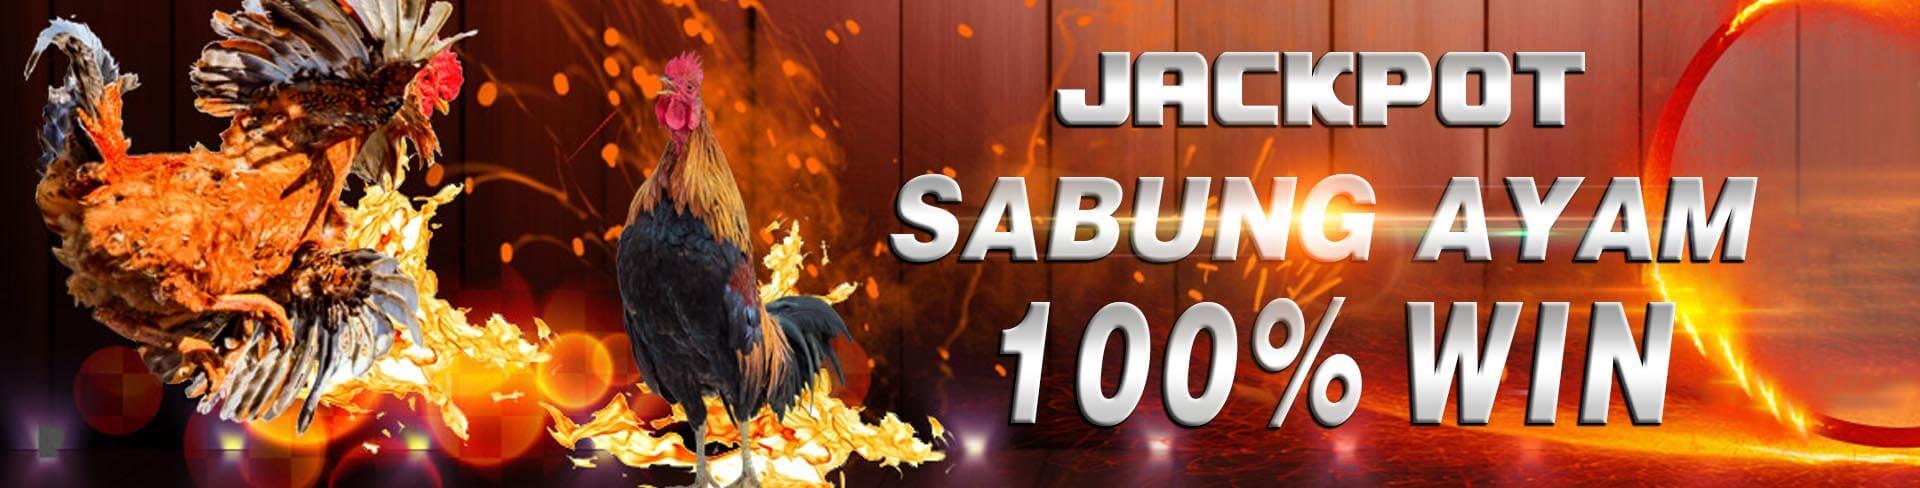 daftar situs agen judi sabung ayam online sv388 promo bonus 7x win beruntun 100%